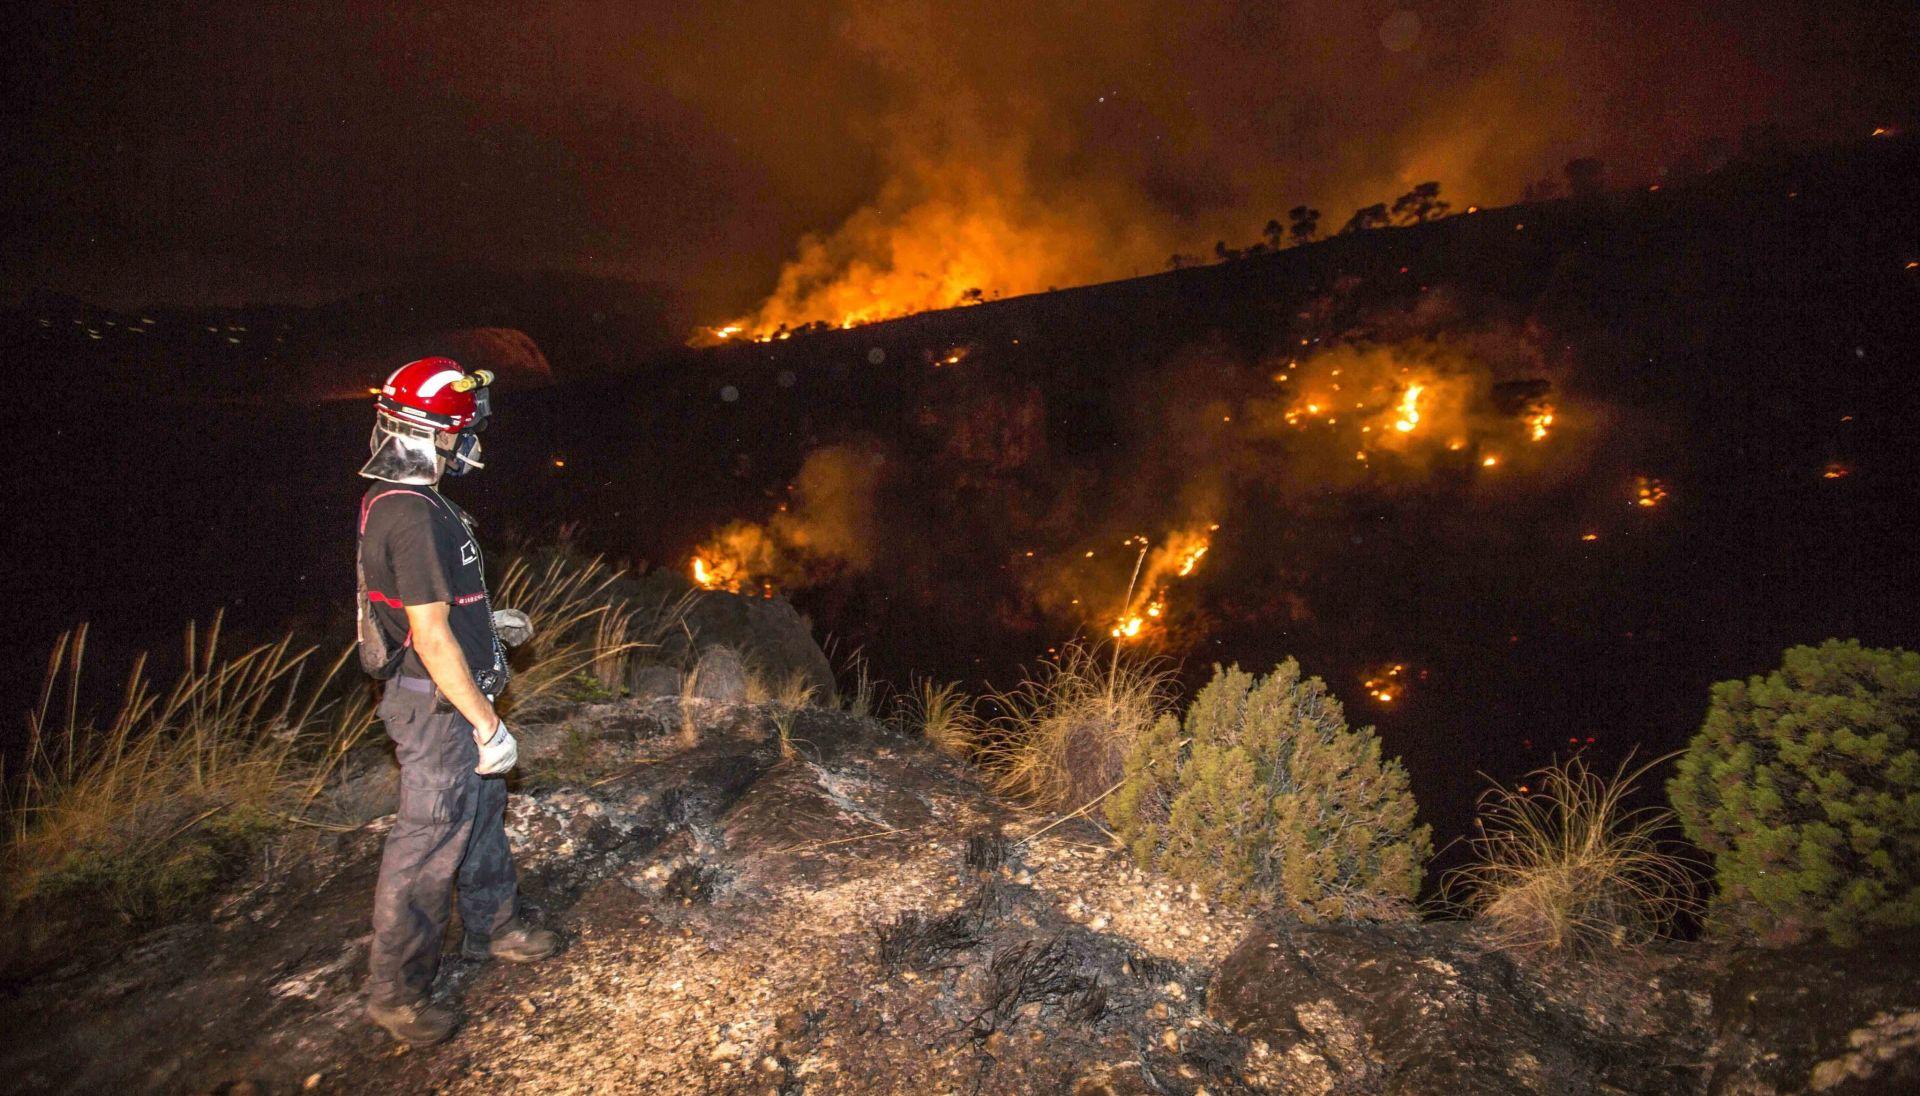 EVAKUACIJA U ŠPANJOLSKOJ Veliki požari ugrozili stanovništvo, u Portugalu ogromna suša